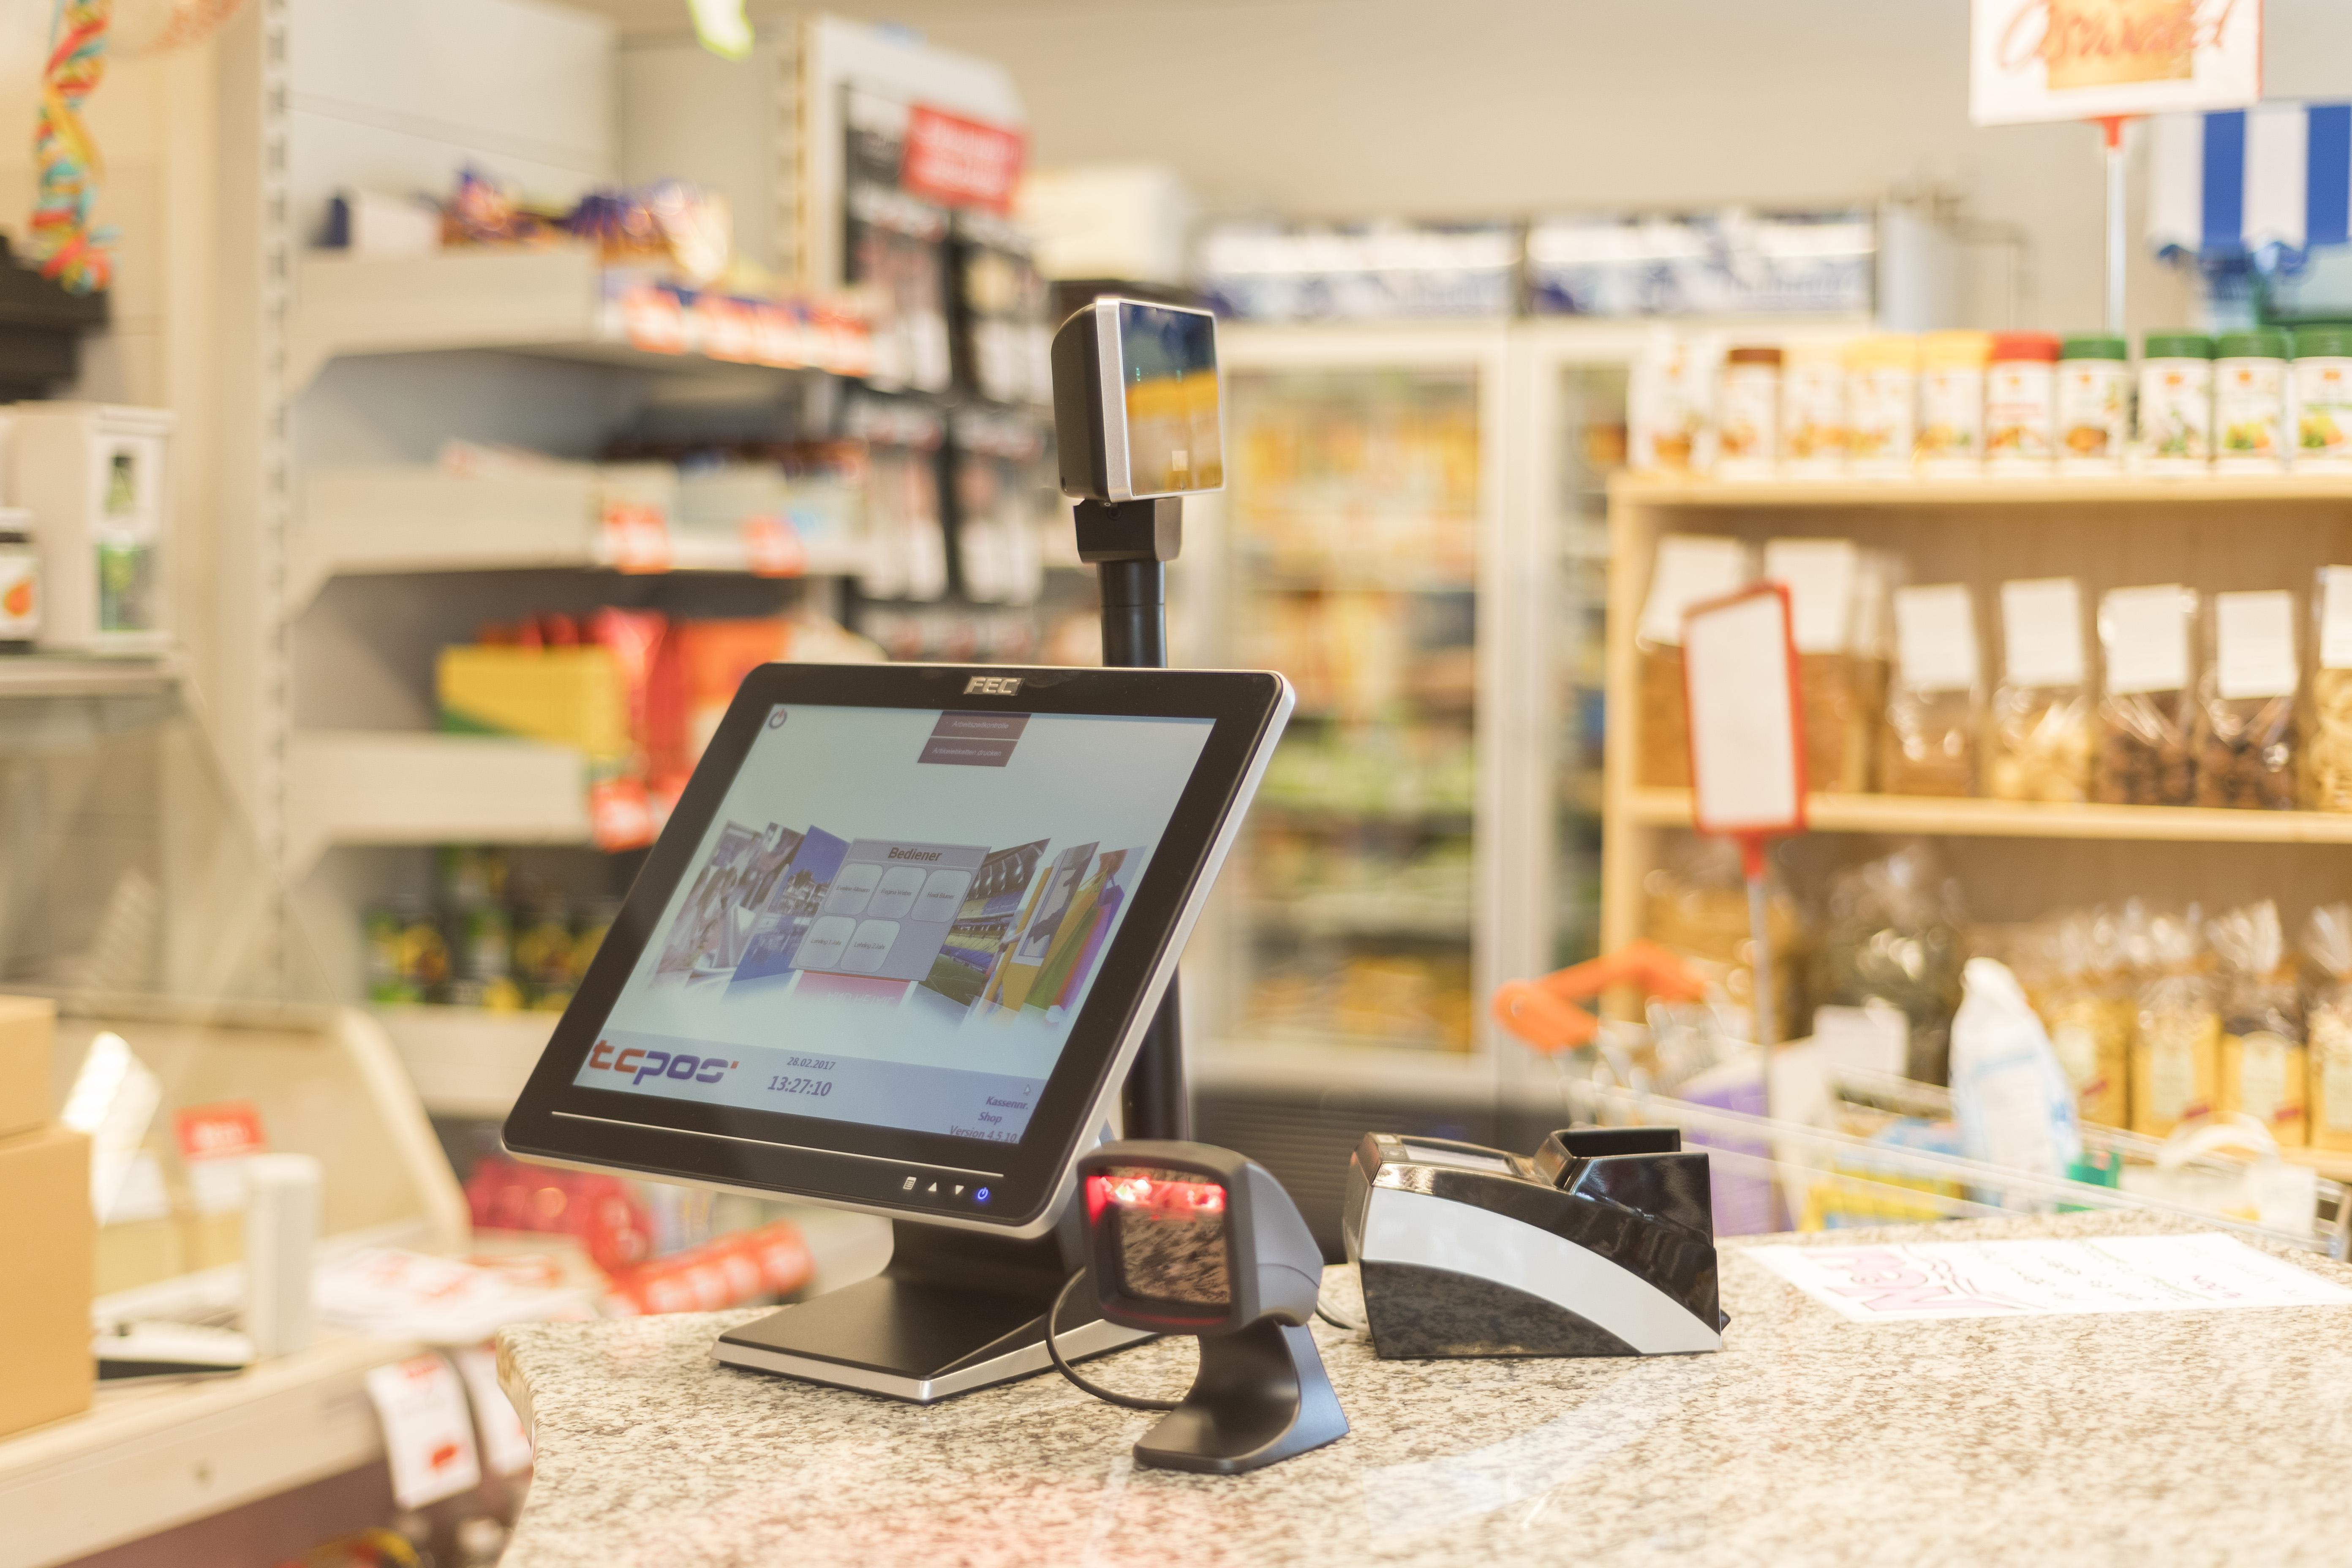 TCPOS Kassenlösung mit Bondrucker, Scanner und Touchscreen